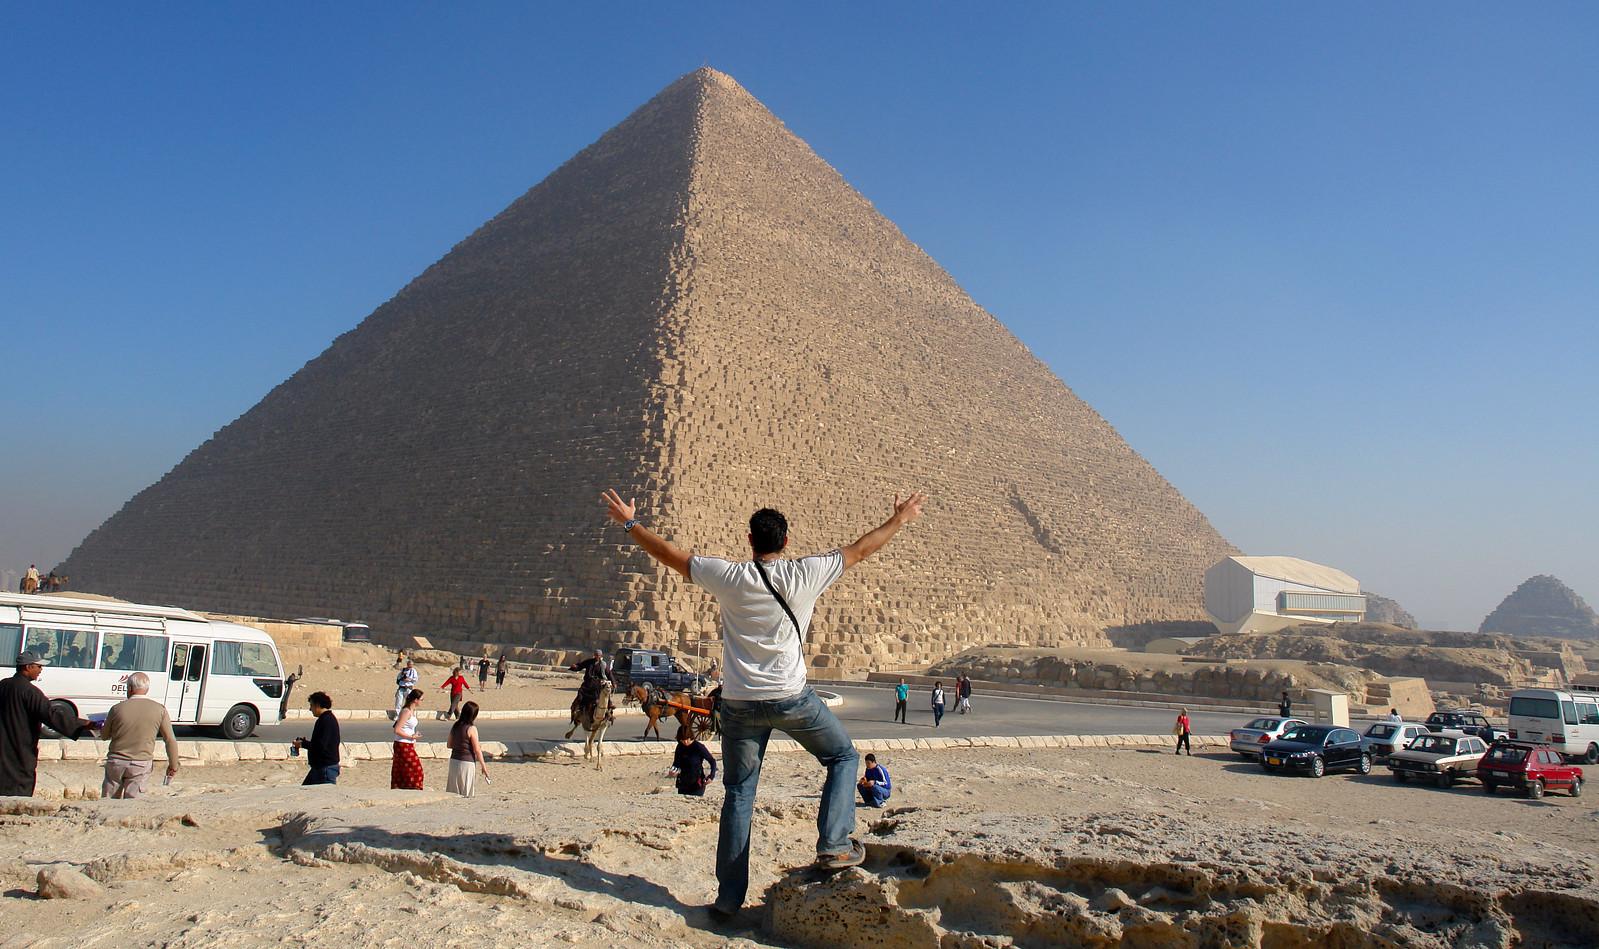 Qué ver en El Cairo, Egipto lugares que visitar en el cairo - 40993420781 d83a1bec5f h - 10+1 lugares que visitar en El Cairo